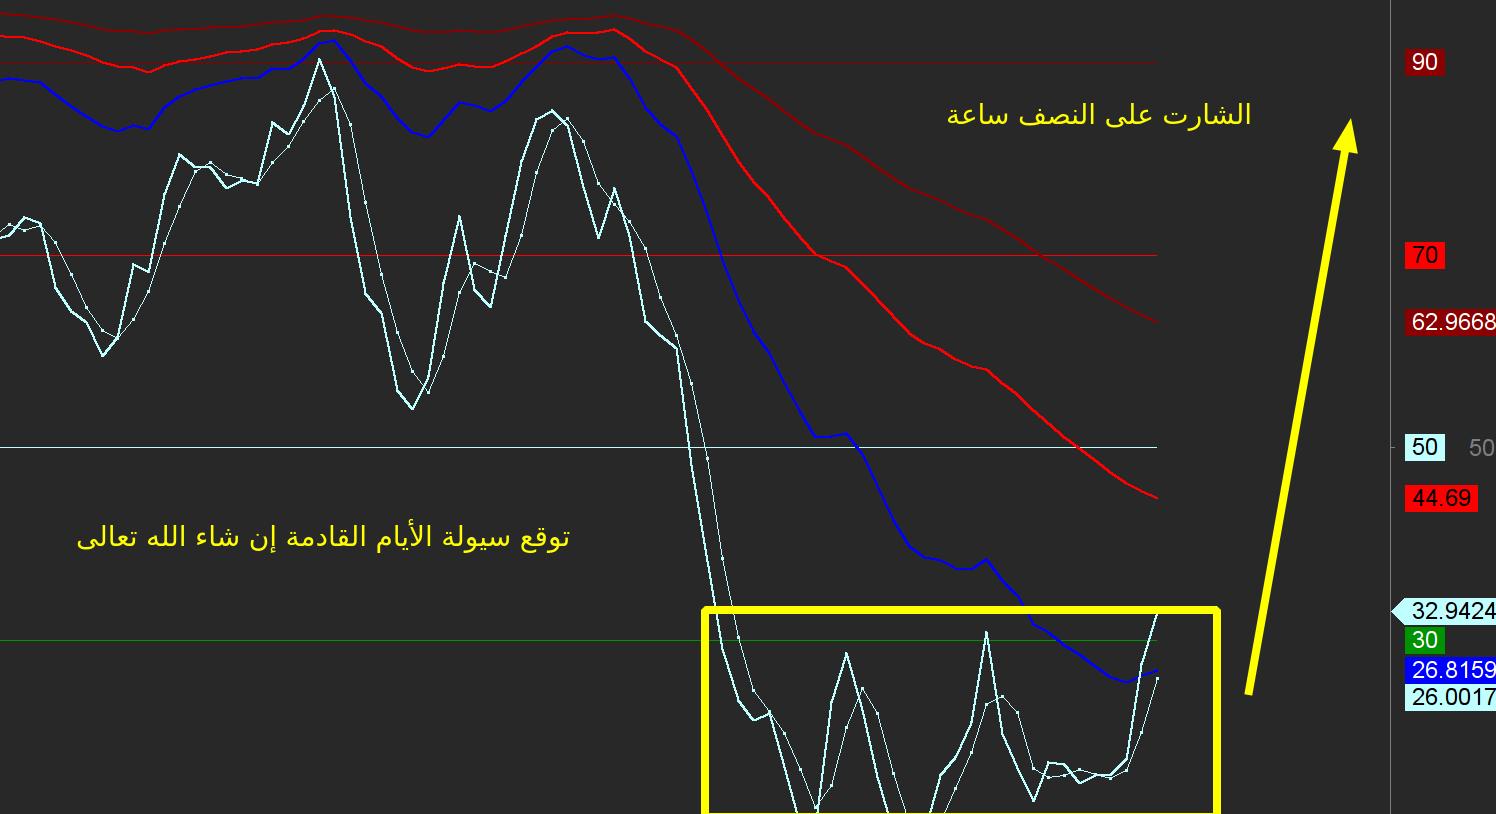 رد: المؤشر العام تحت المجهر (من الفريم الزمني القصير وحتى الفريم الزمني الك